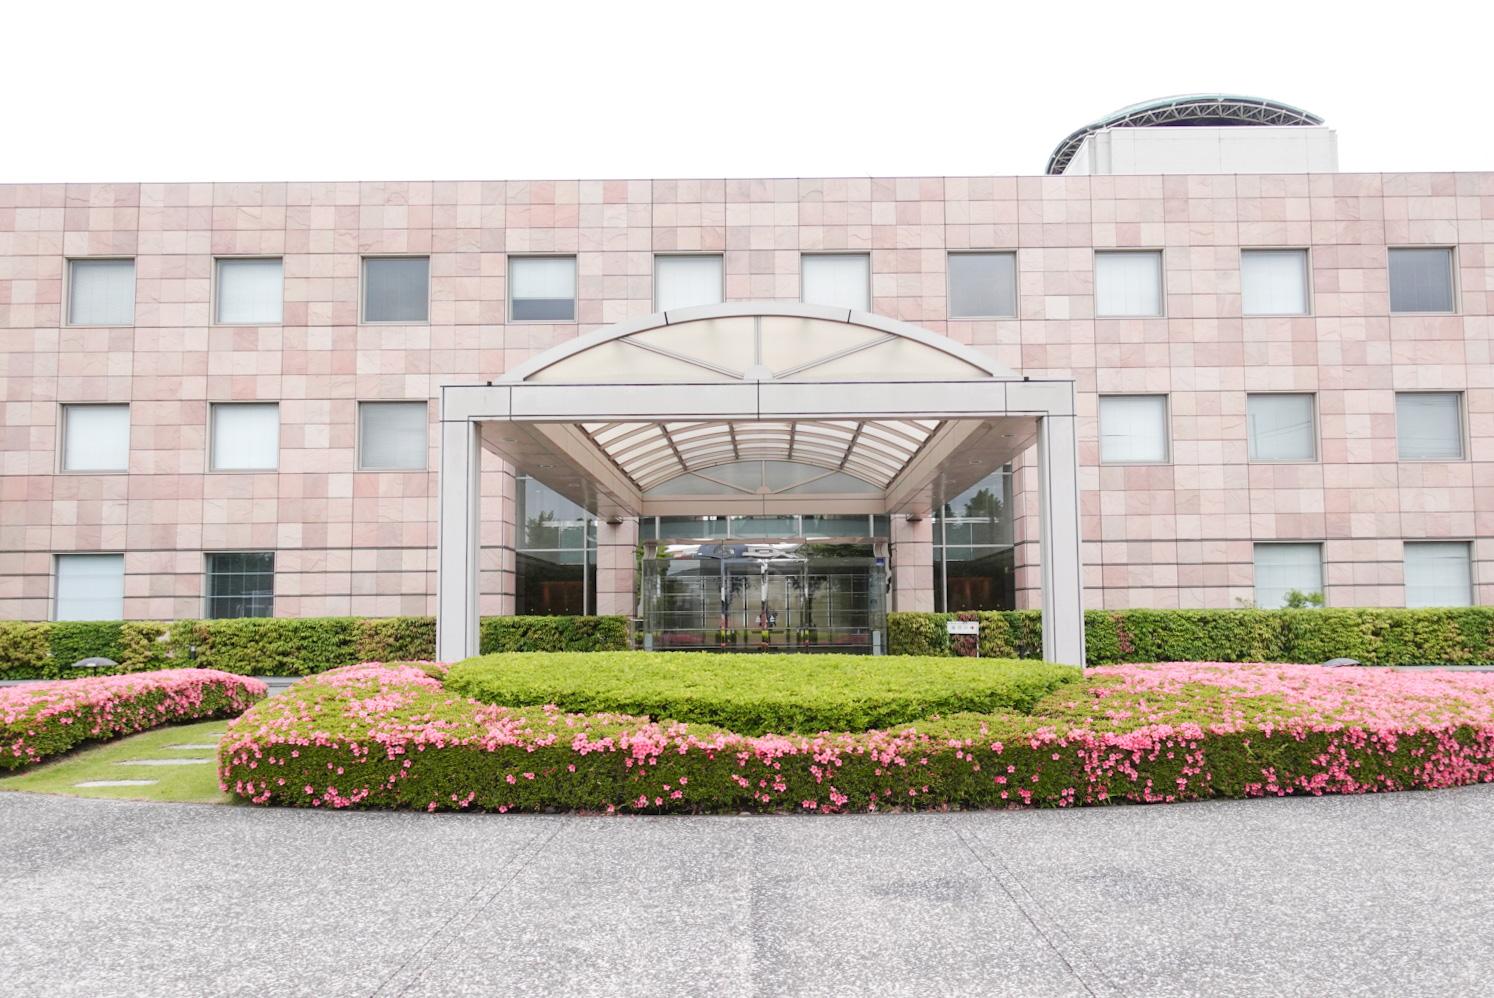 【NEW7月26日(日)10時開催】オープンキャンパス [大学説明会+WORKSHOP](in 横浜キャンパス)